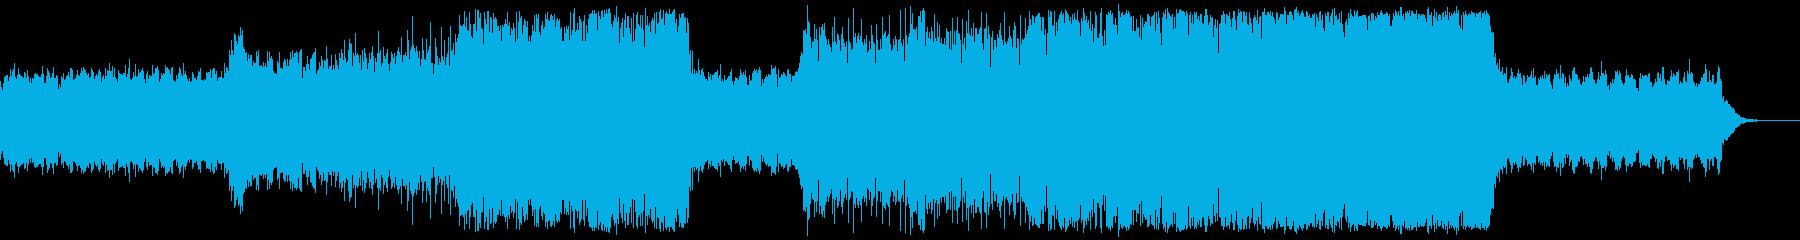 エピック×エレクトロ 幻想的で壮大の再生済みの波形